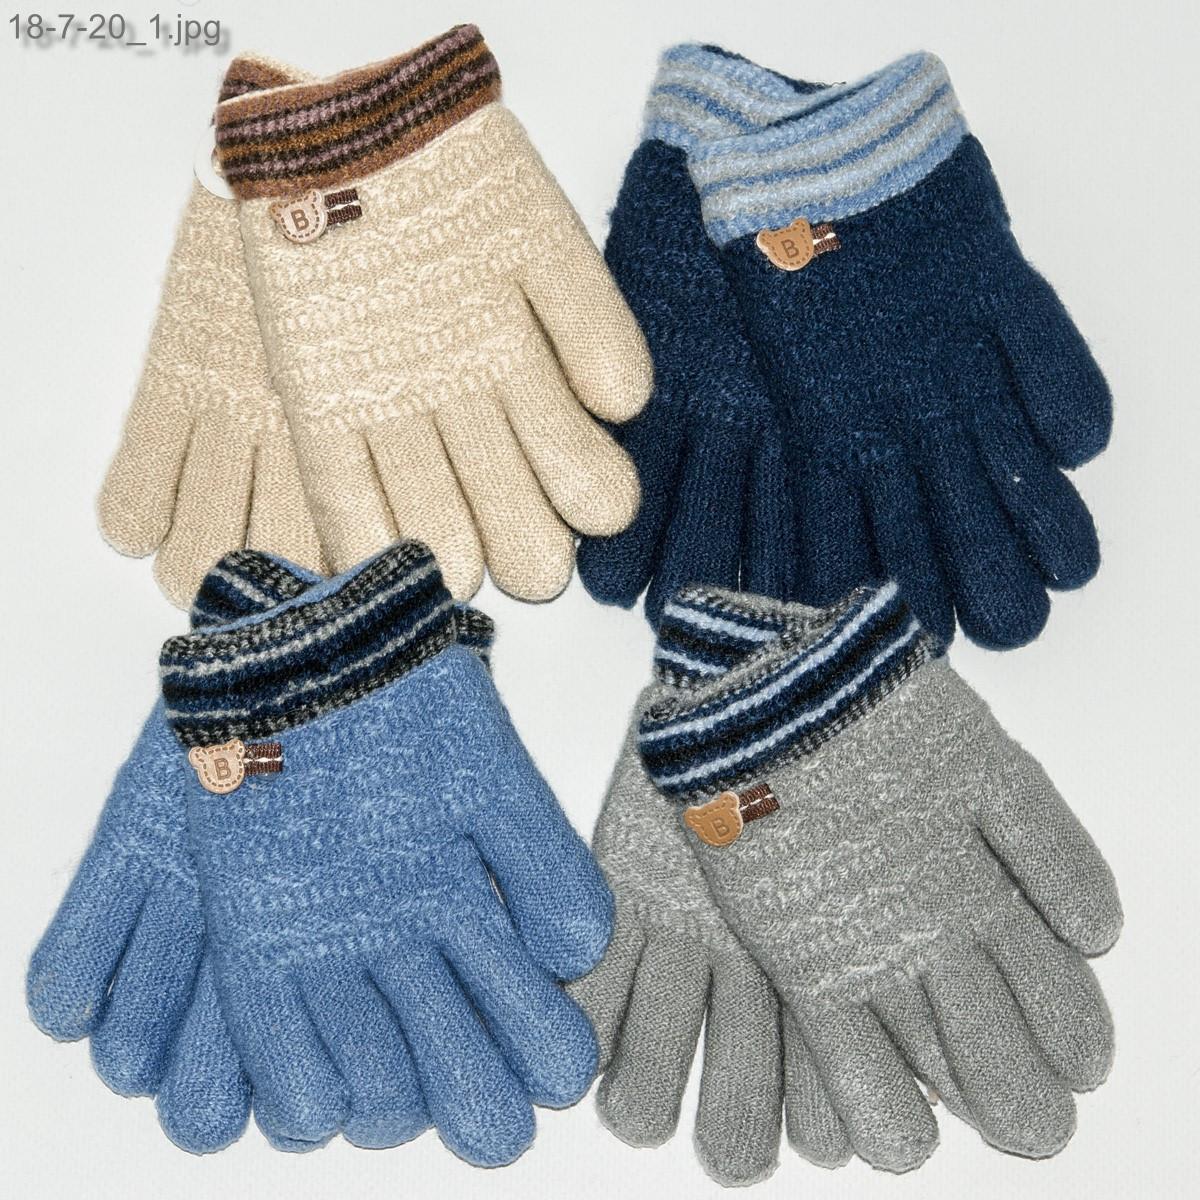 Детские перчатки с меховой подкладкой на мальчика 1-3 года - №18-7-20